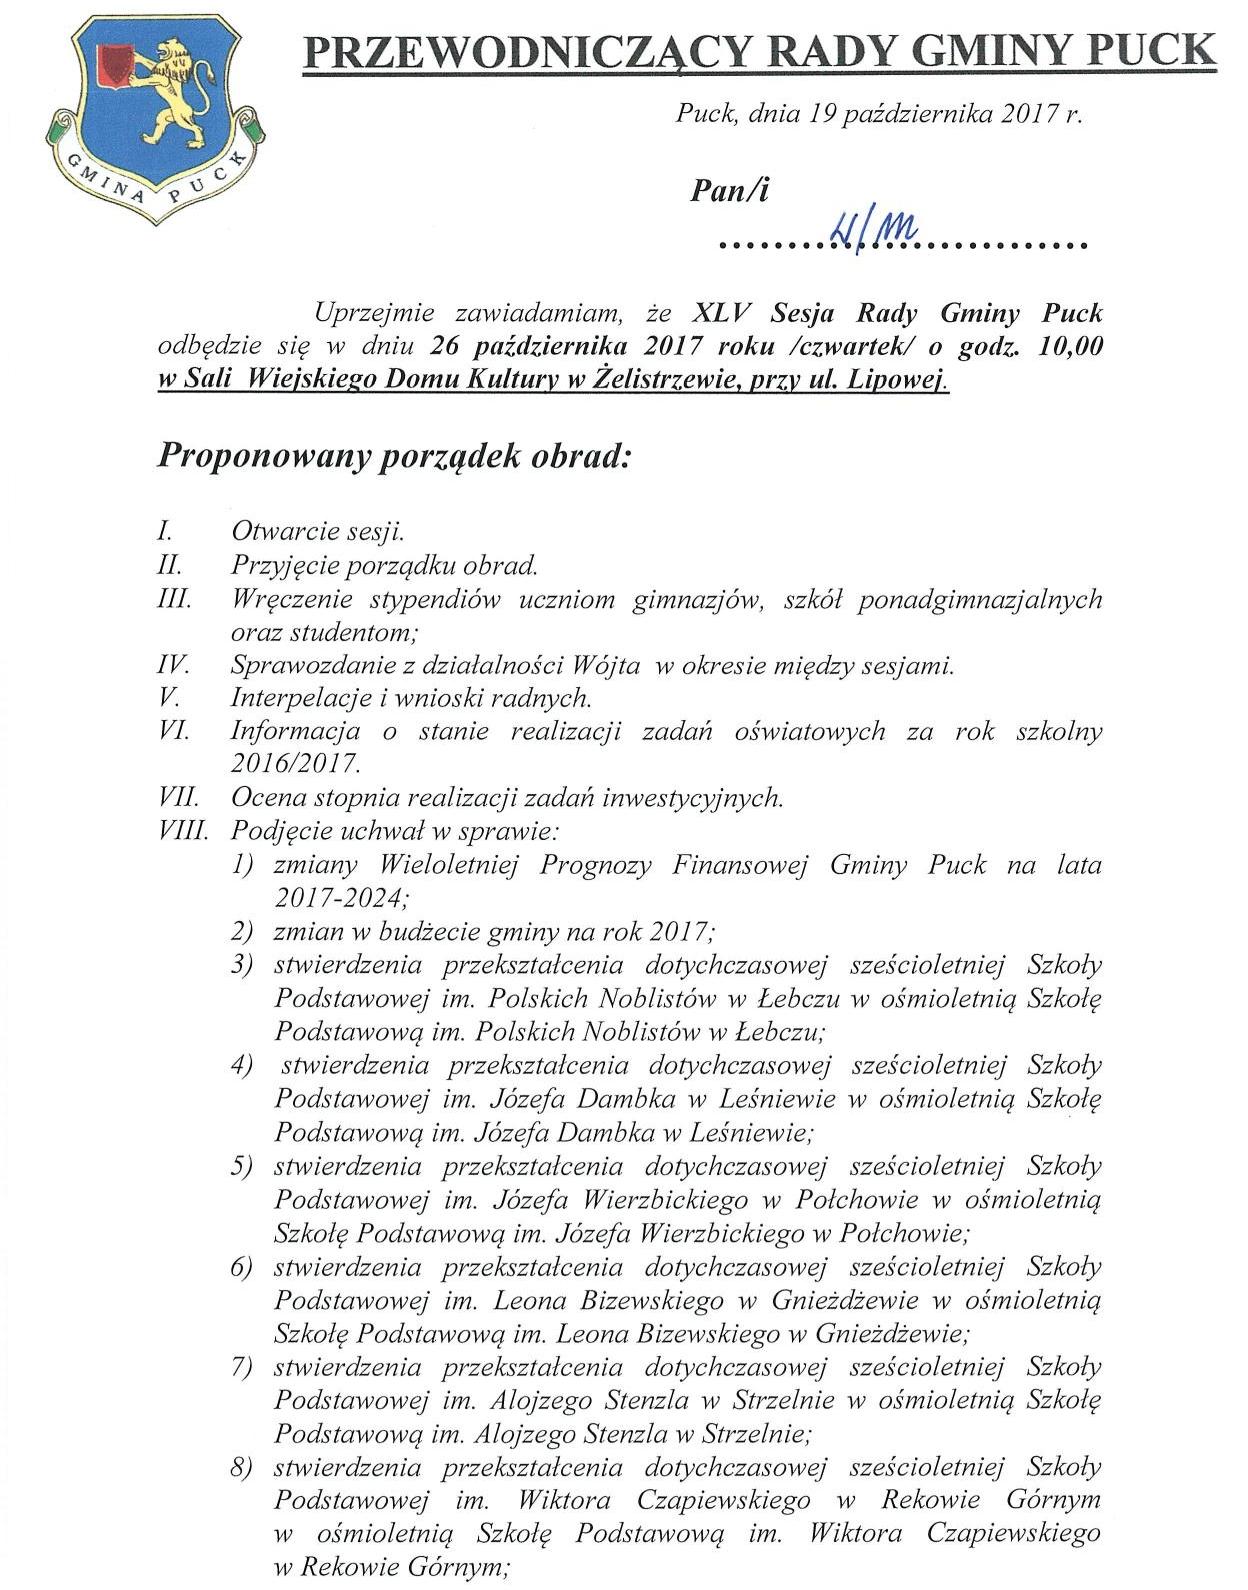 Proponowany porządek obrad XLV sesji Rady Gminy Puck - dnia 26 października 2017 roku_01